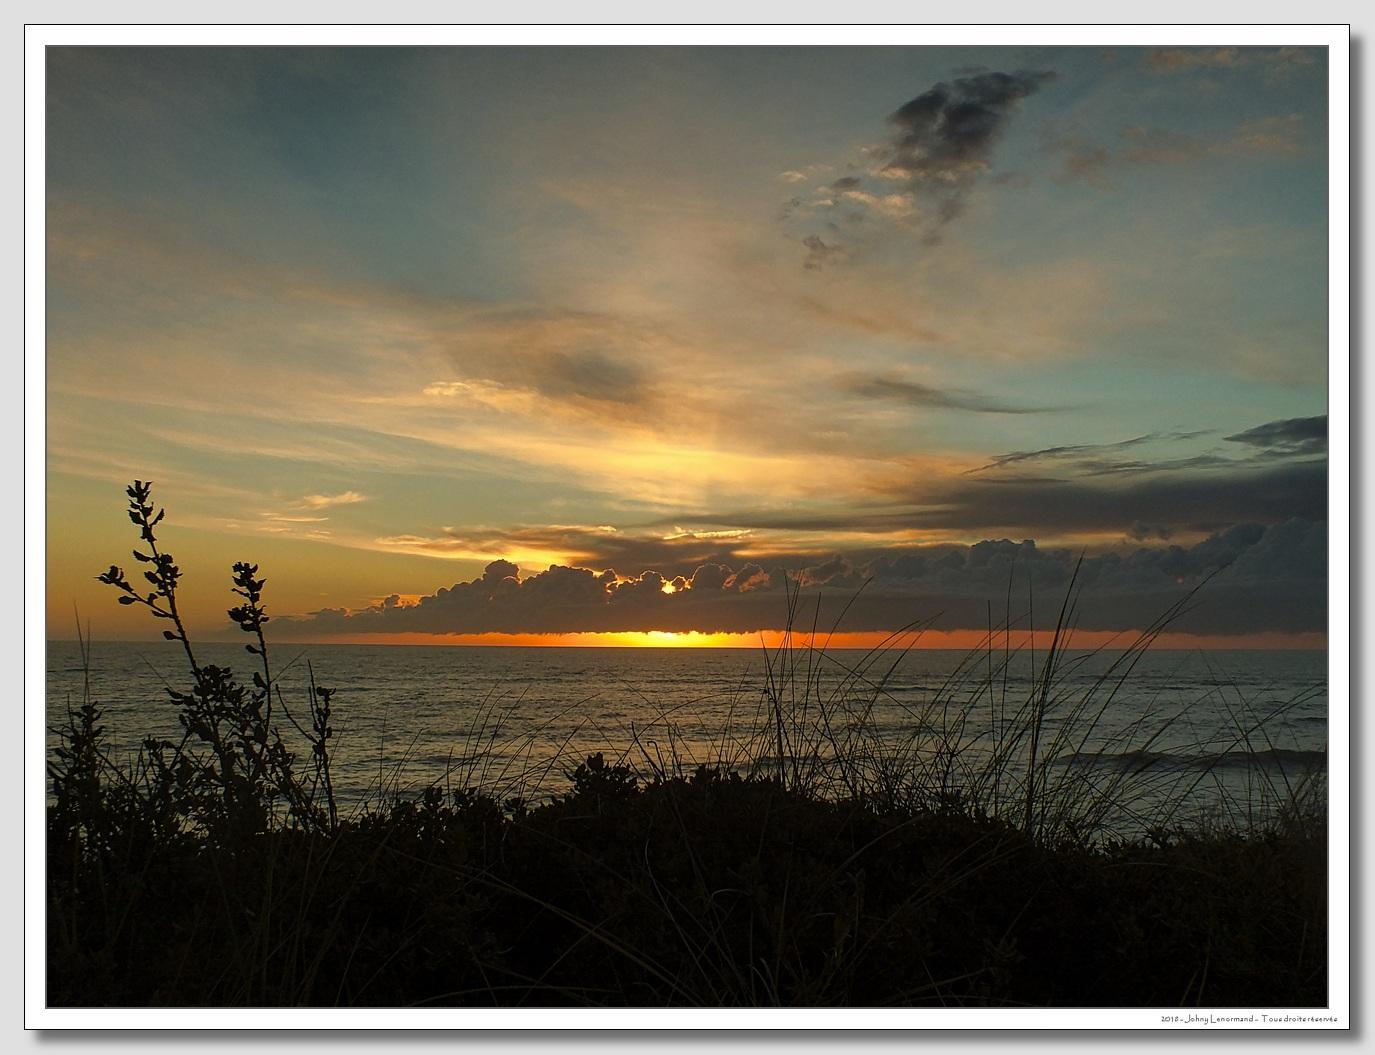 Soleil couchant sur l'Atllantique